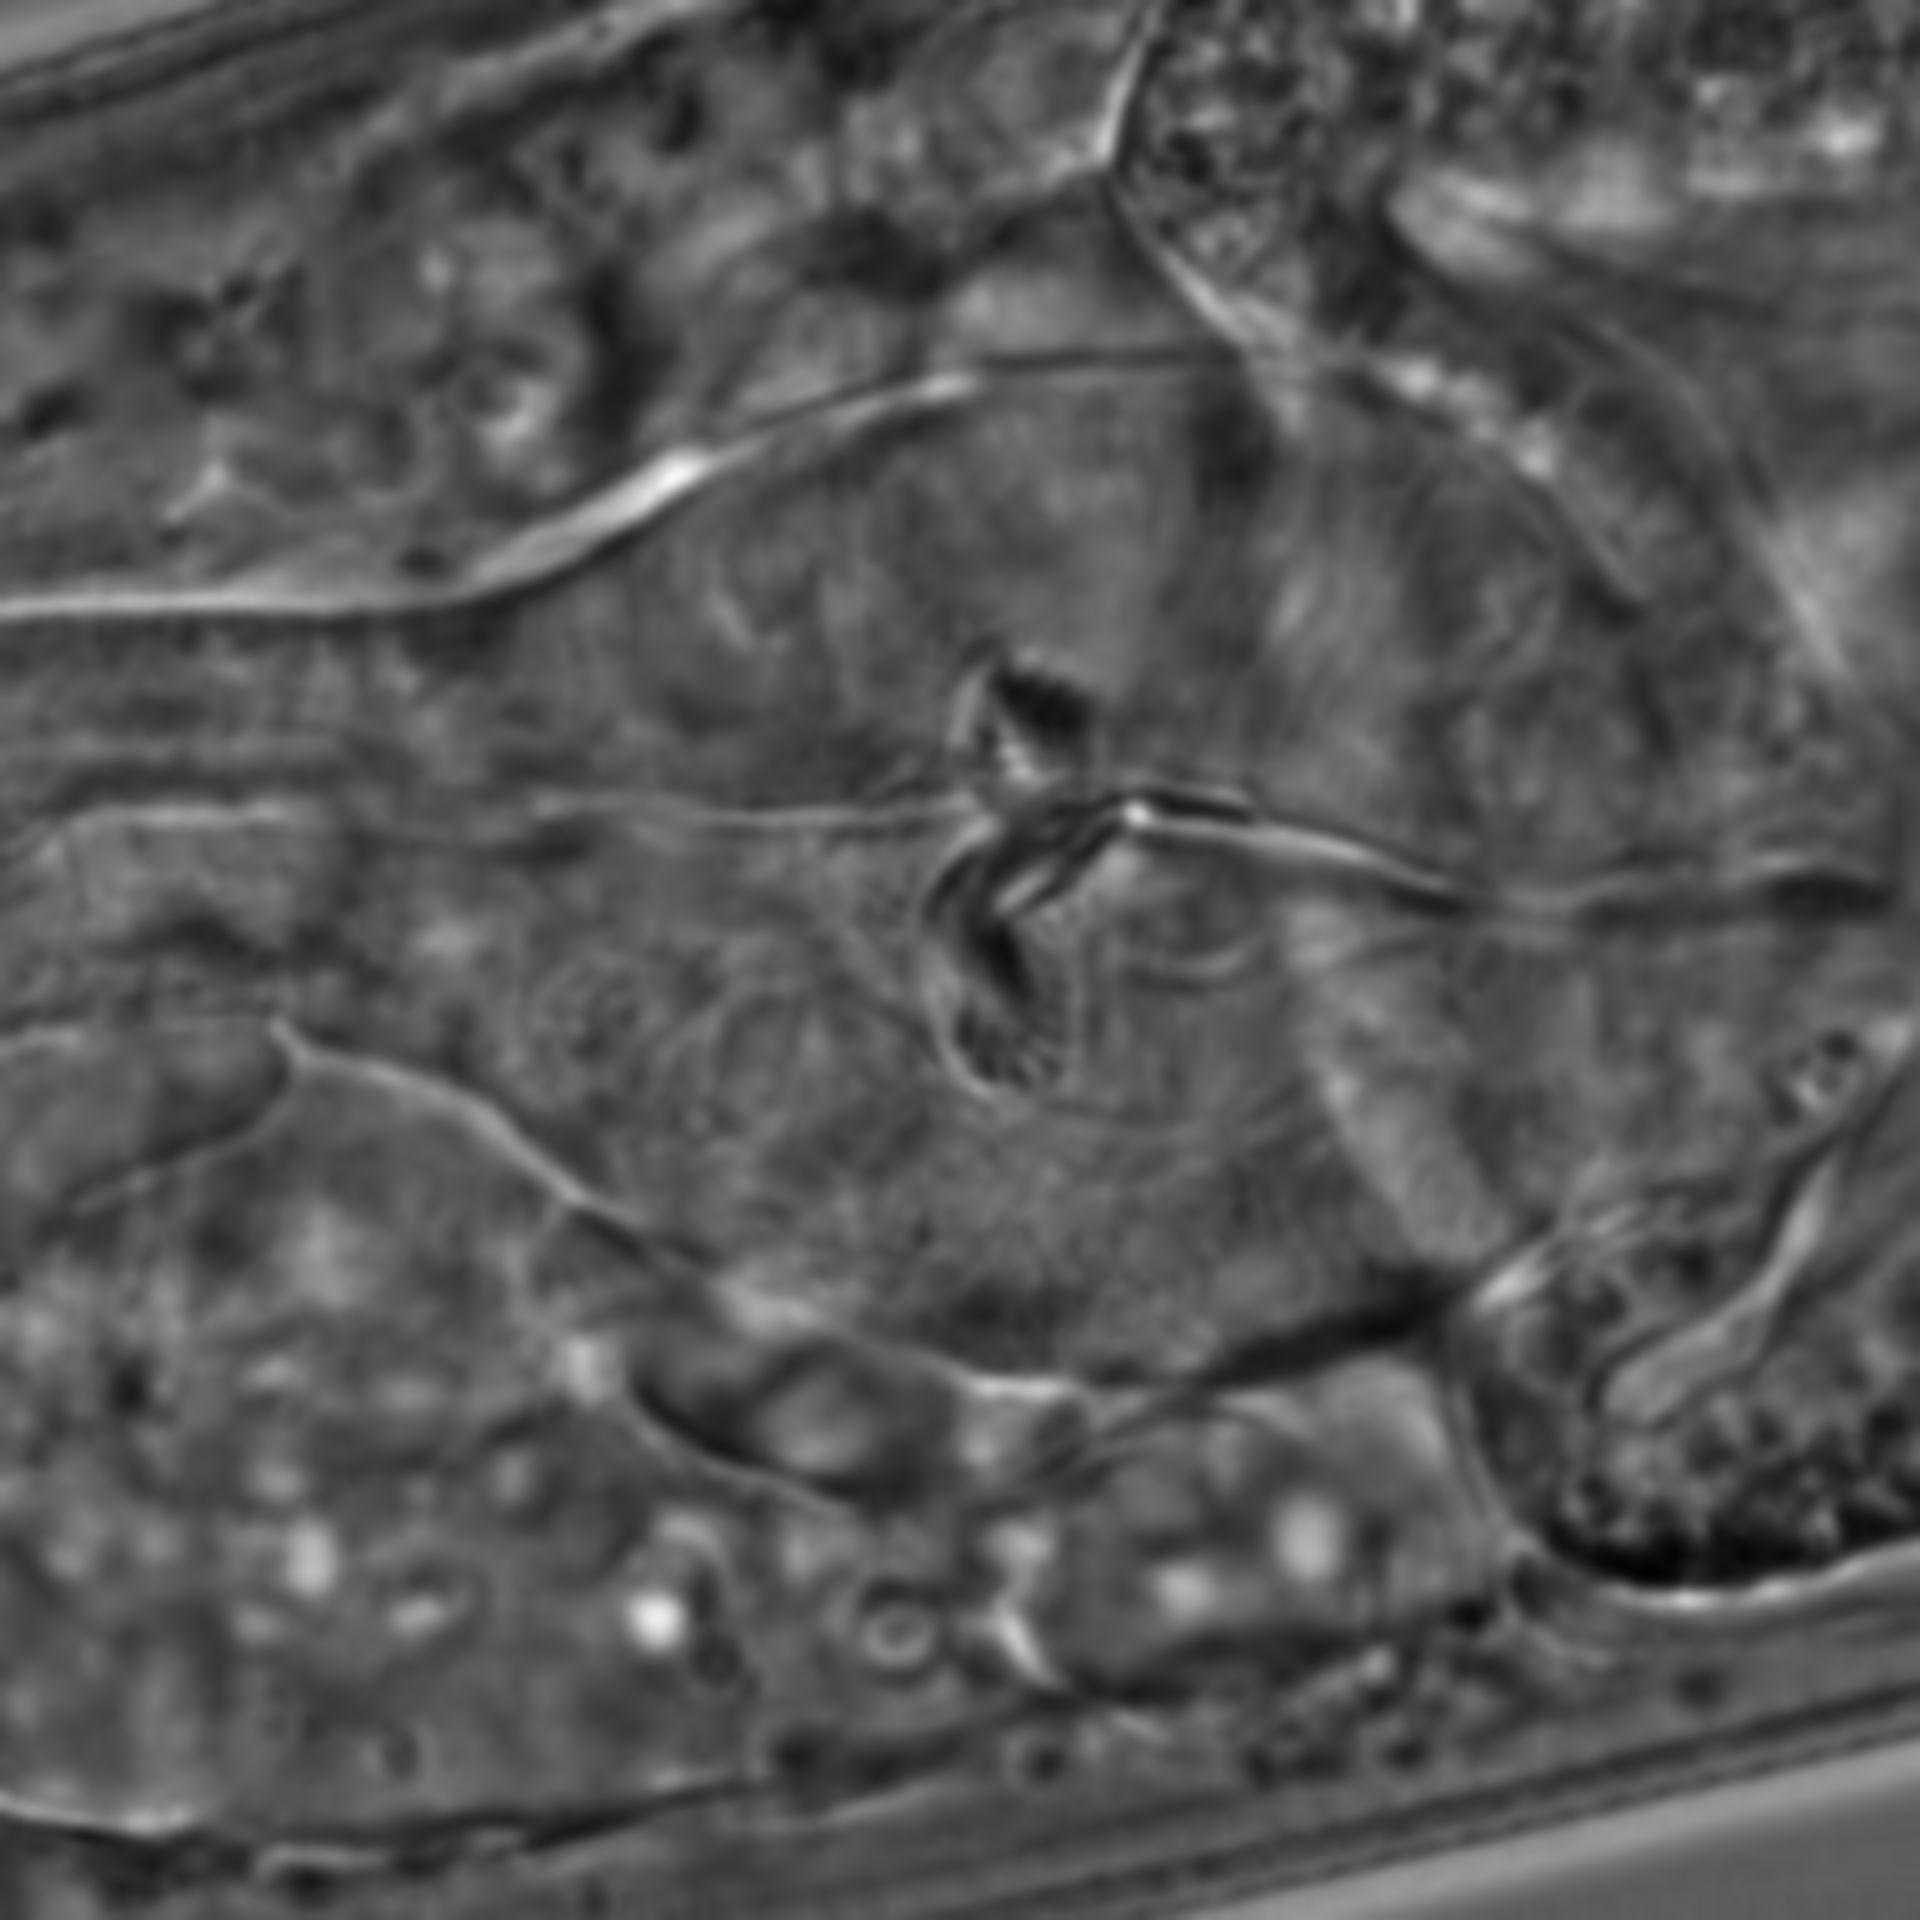 Caenorhabditis elegans - CIL:1618